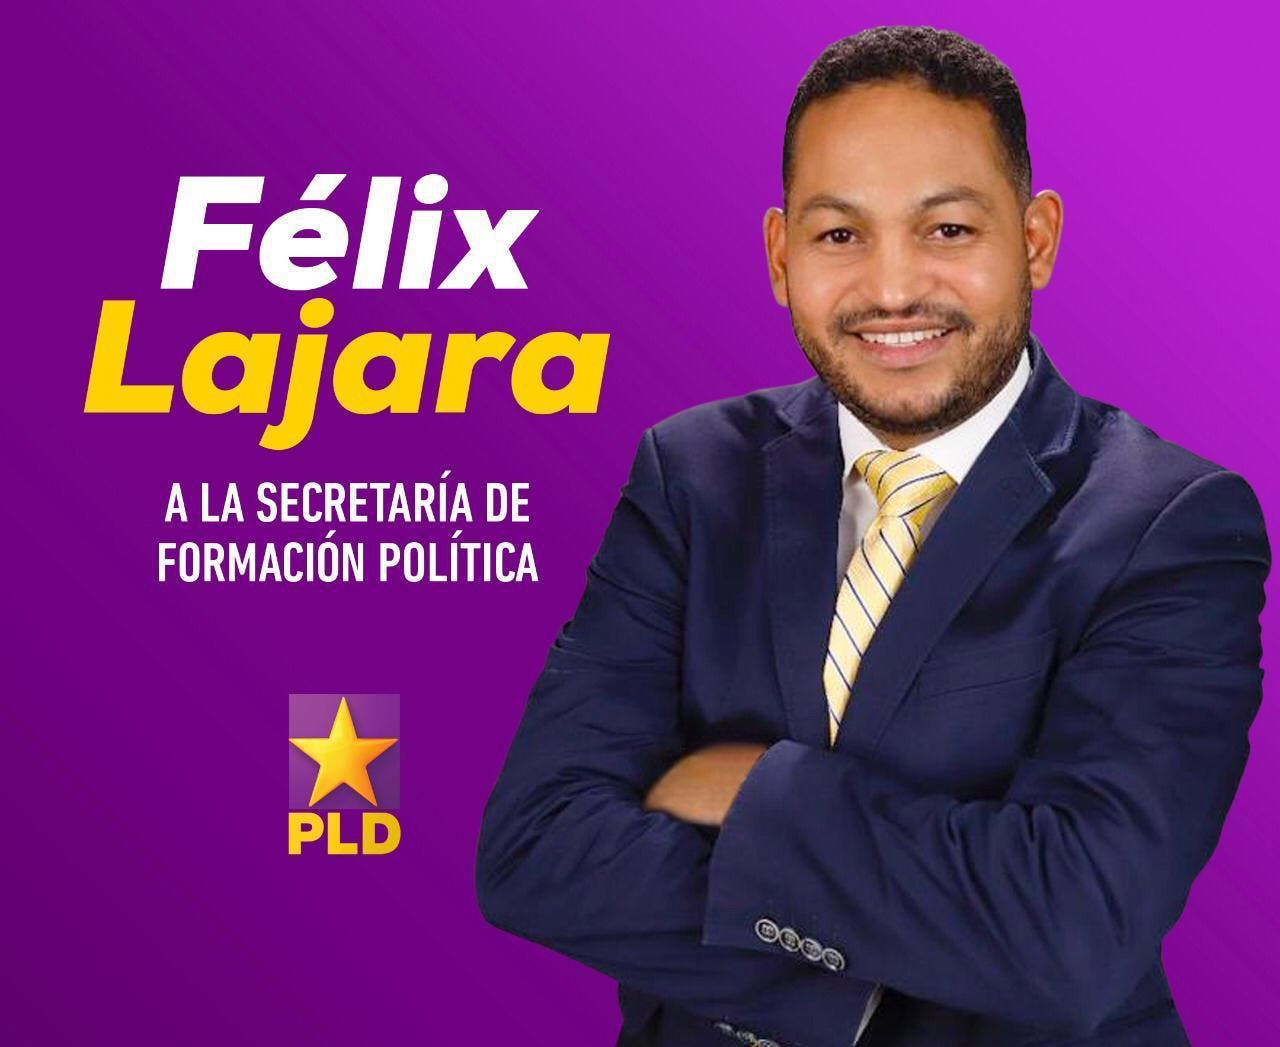 Félix Lajara aspira a la Secretaría de Formación Política PLD